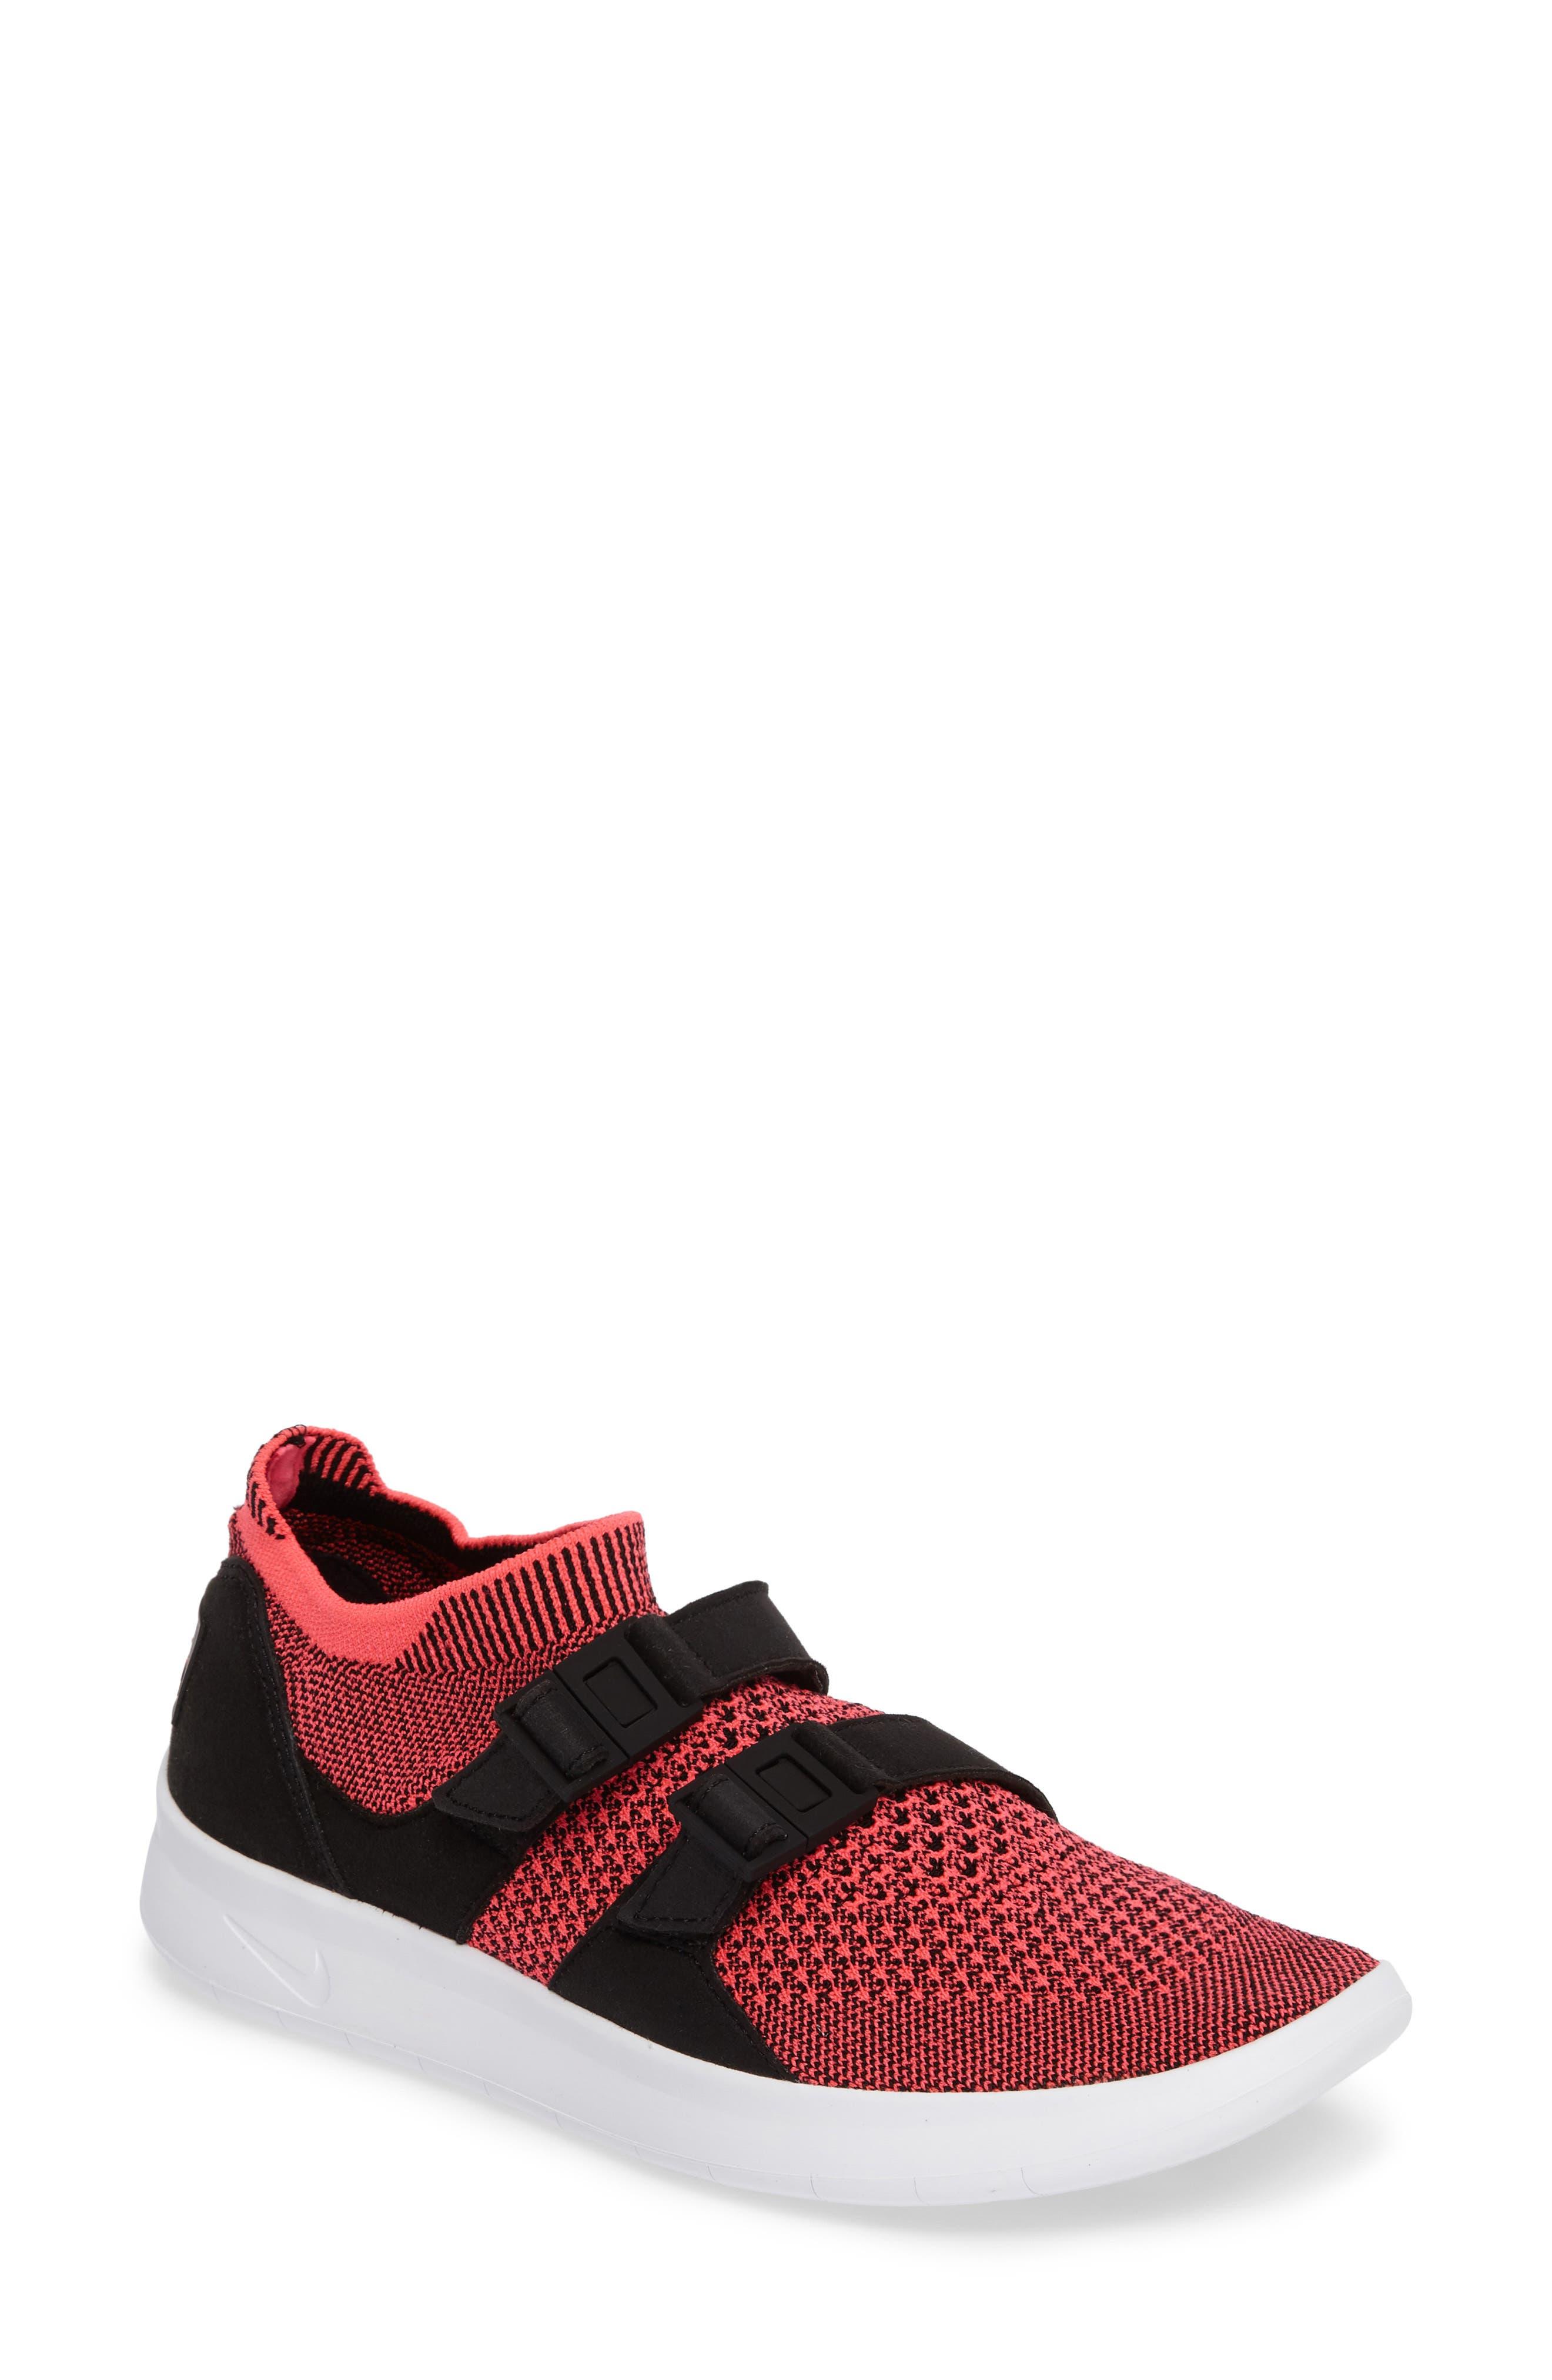 Nike Air Sock Racer Ultra Flyknit Sneaker (Women)